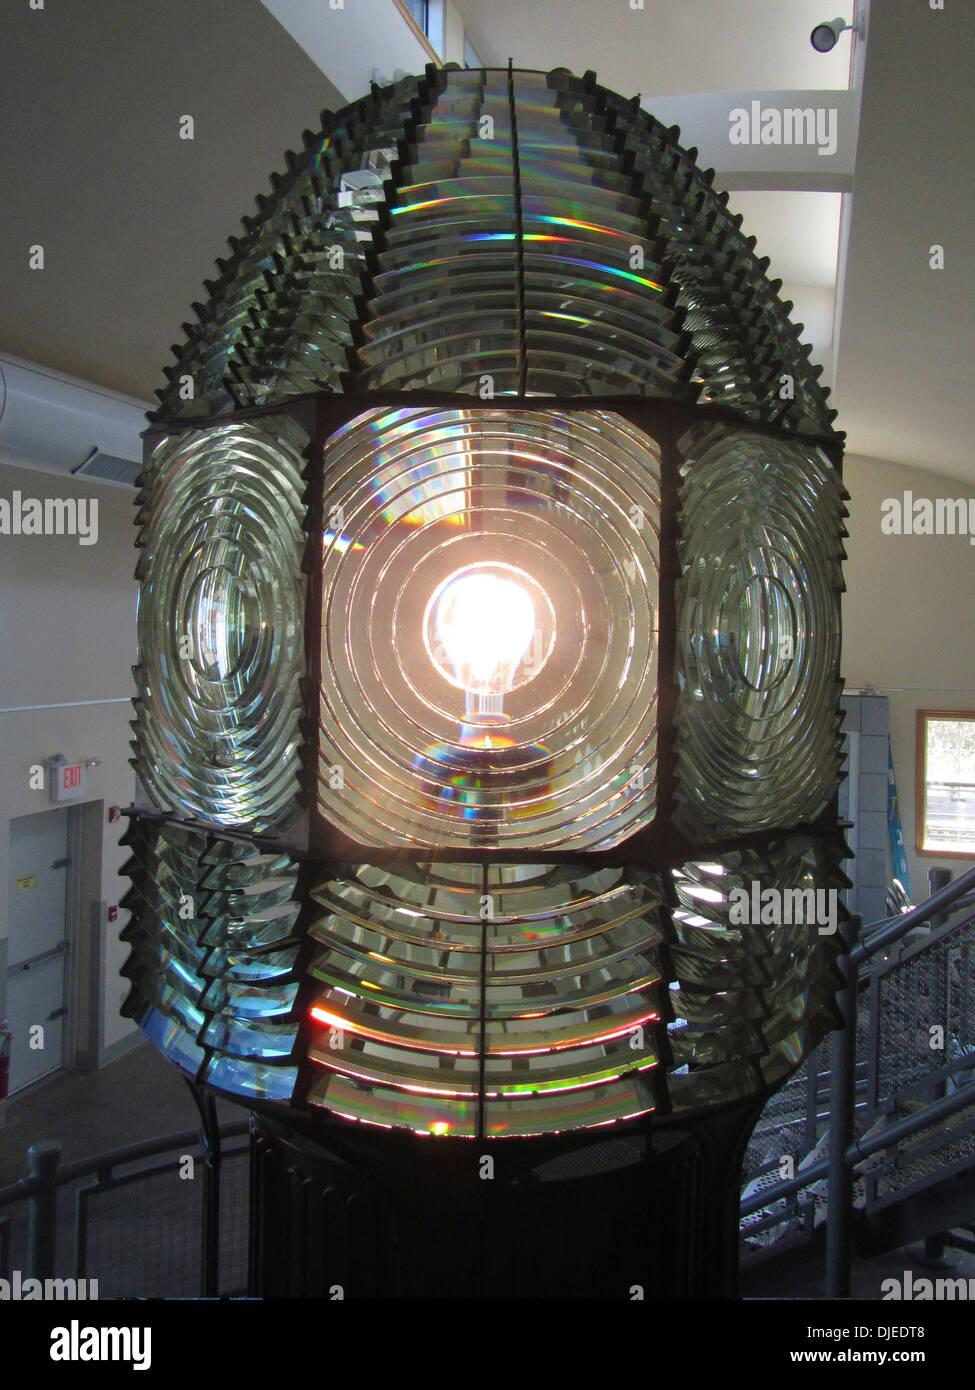 Die alte Fresnel-Linse aus der Fire Island Lighthouse, jetzt untergebracht in einem Museum neben dem Leuchtturm Stockbild